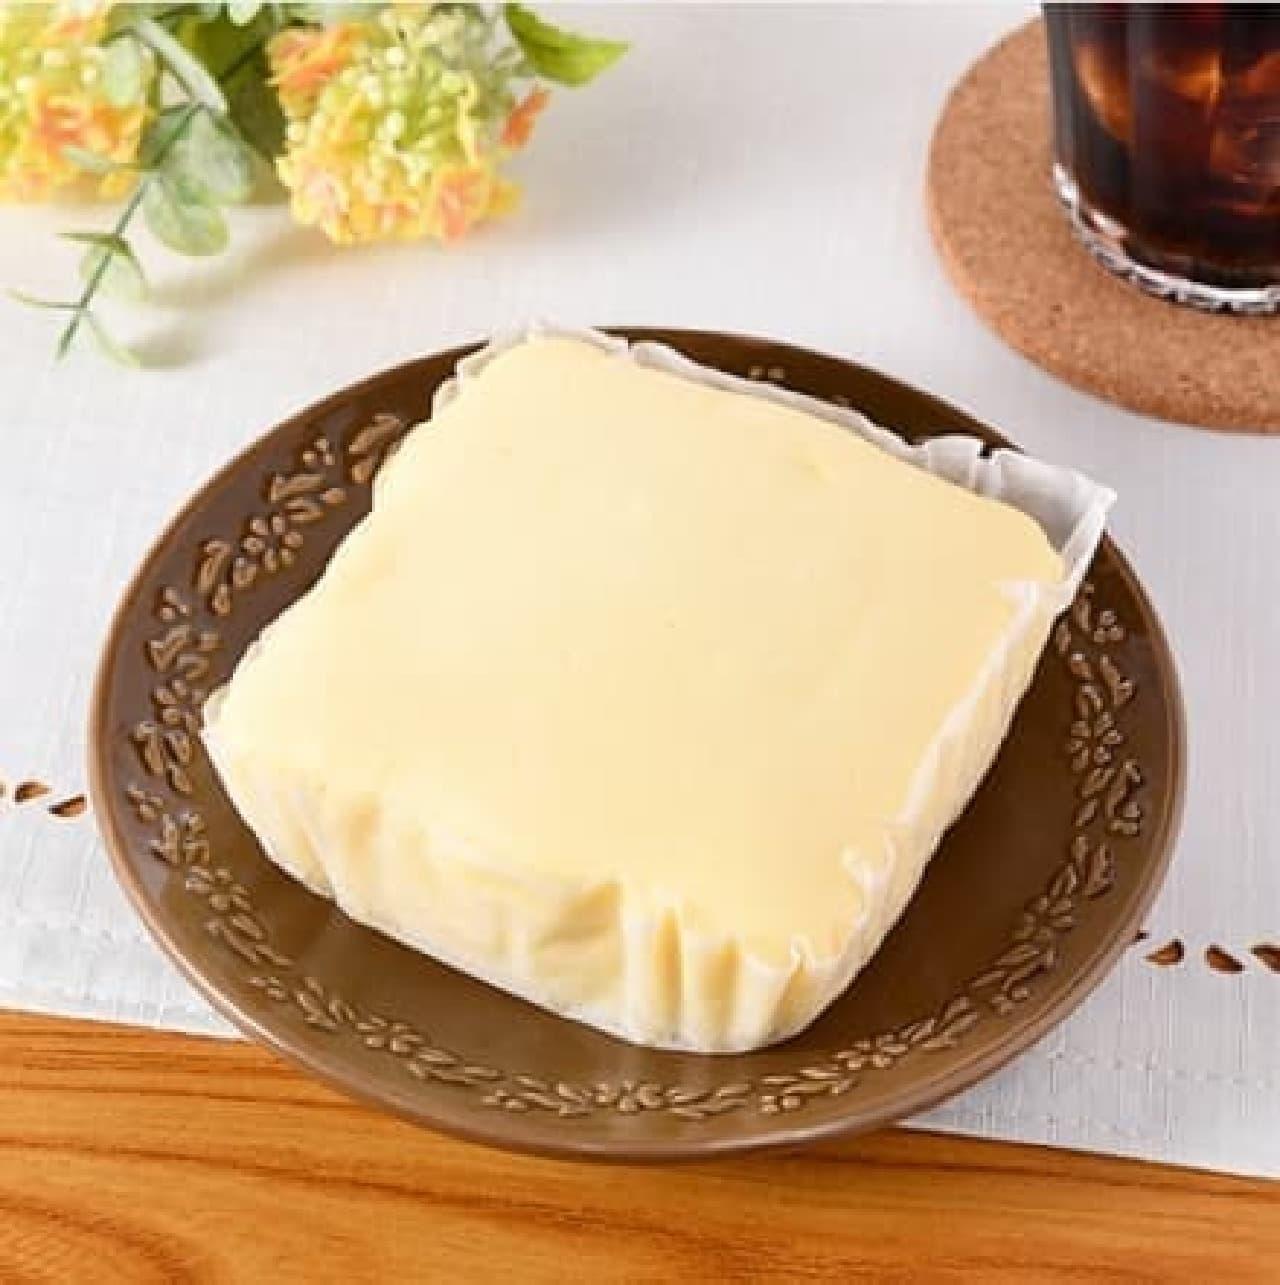 ファミリーマート「濃い味 クリームチーズケーキ」